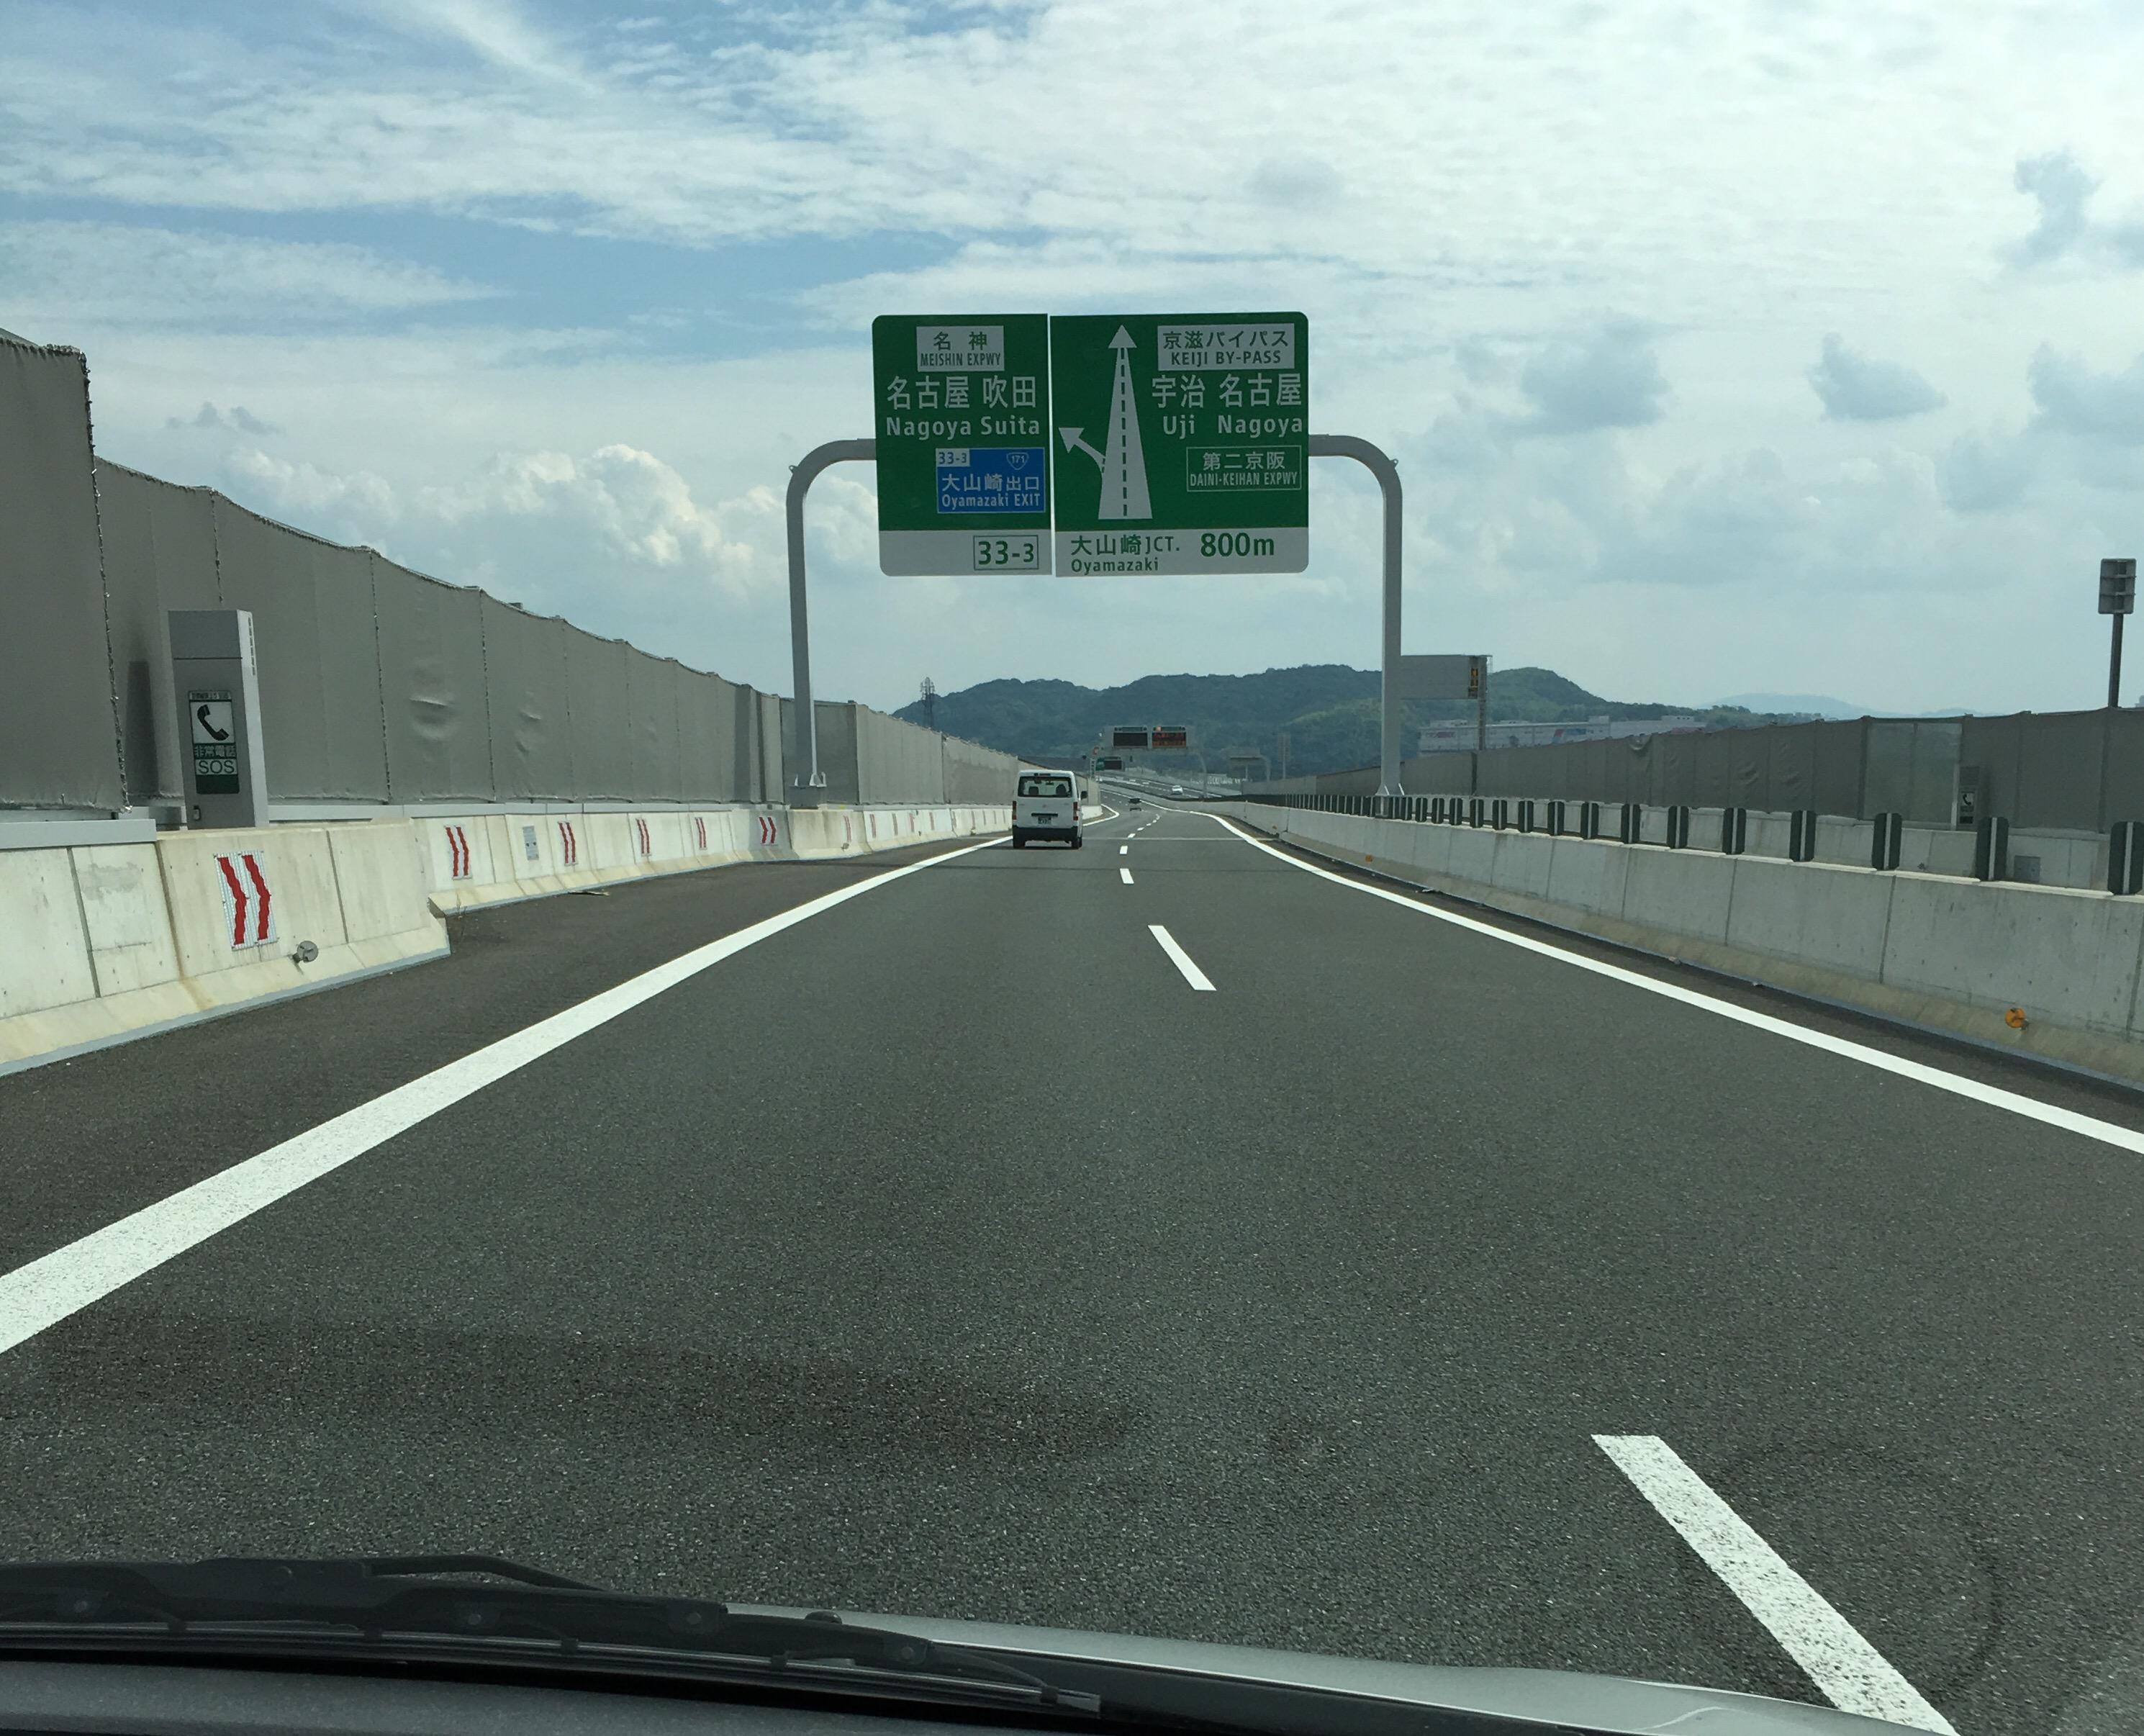 京都第二外環状道路(通称:にそと)は京都市内の渋滞を全て回避出来る!